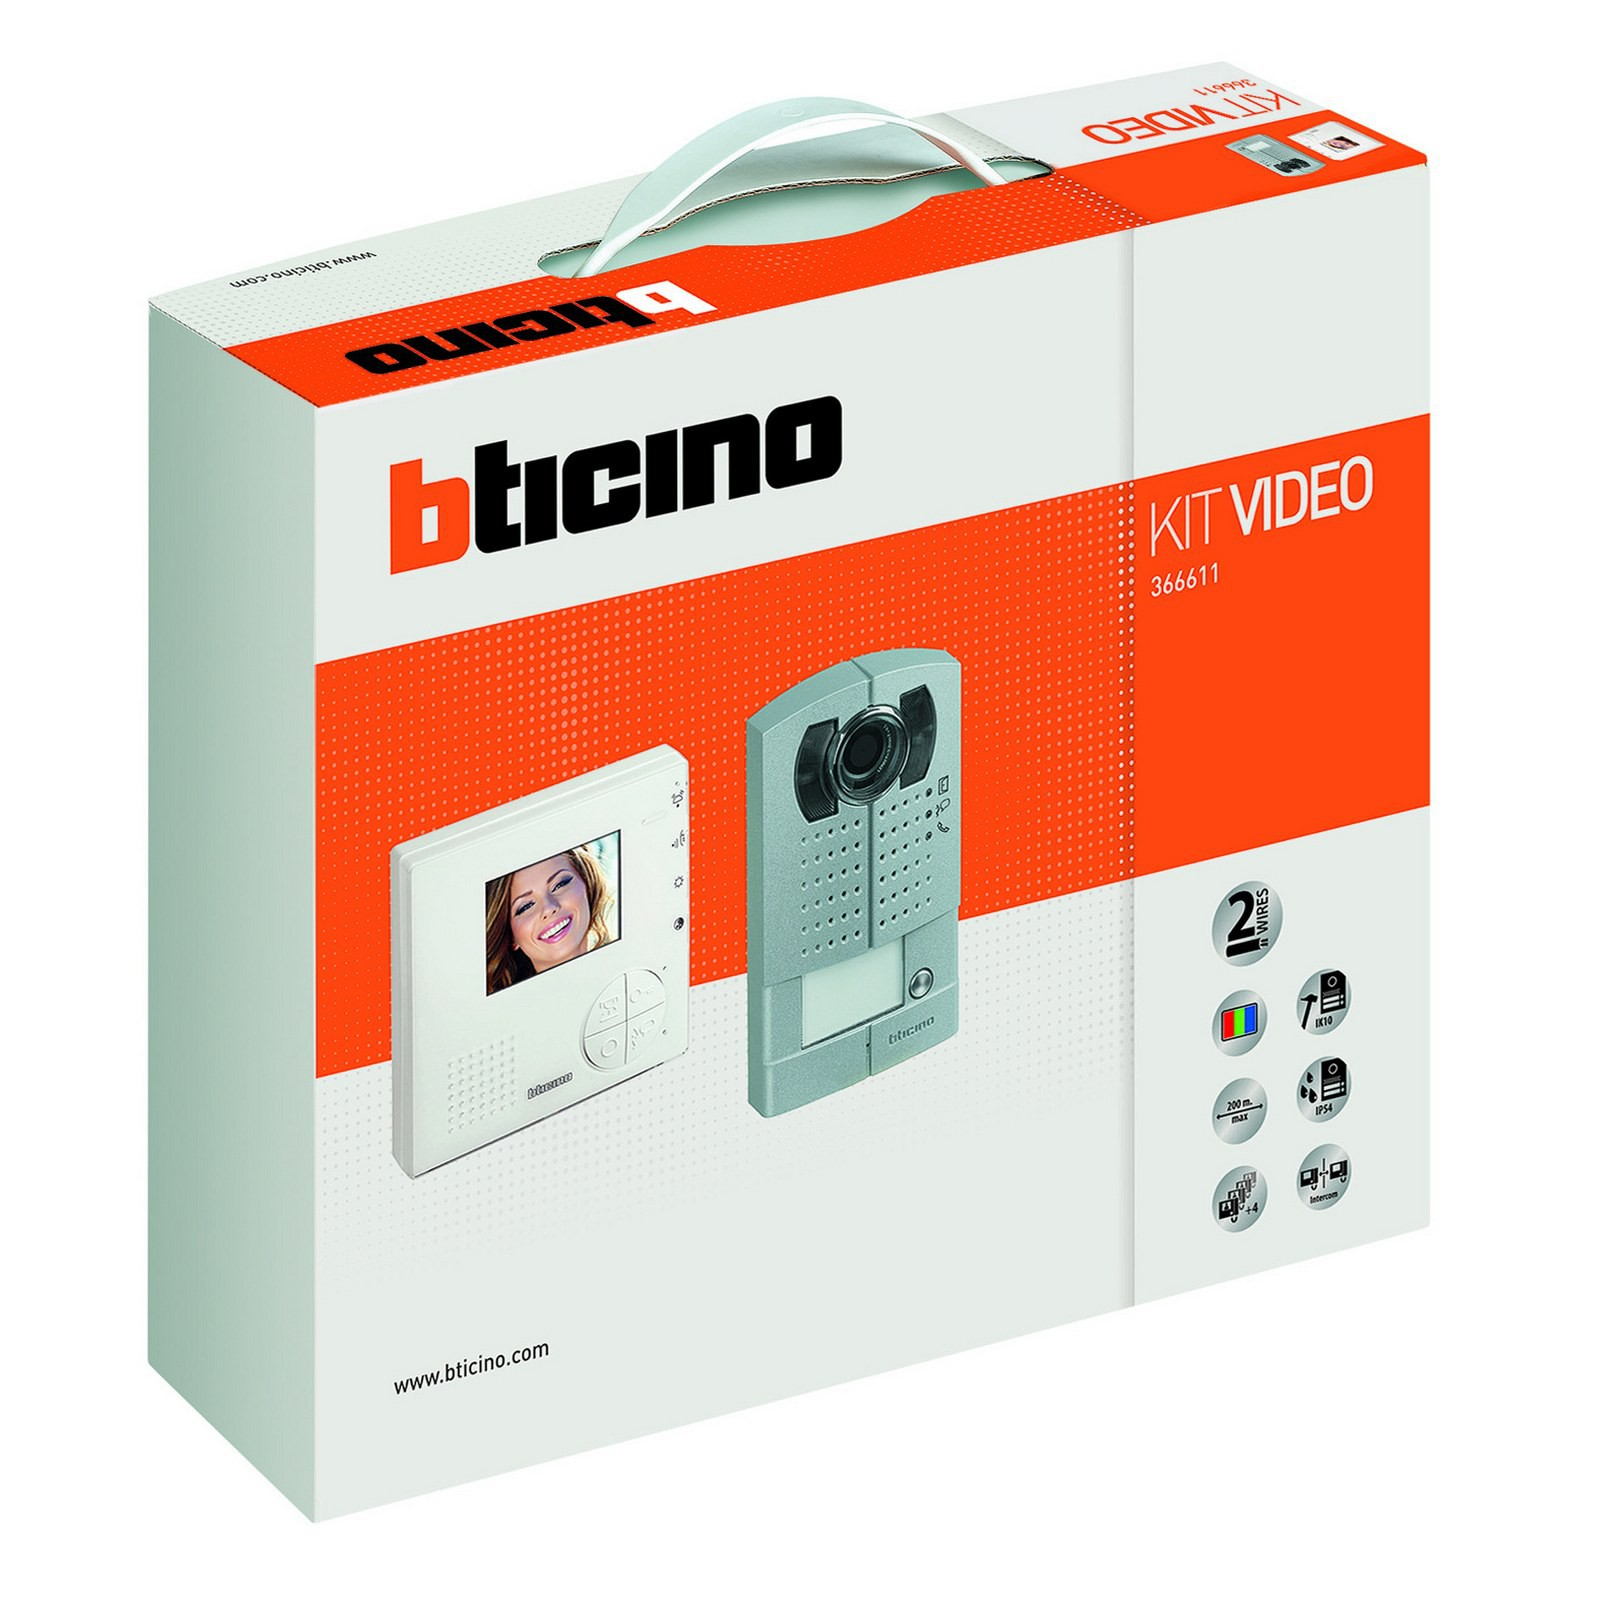 Kit videocitofono monitor video colori 2 fili bticino for Citofono bticino prezzo